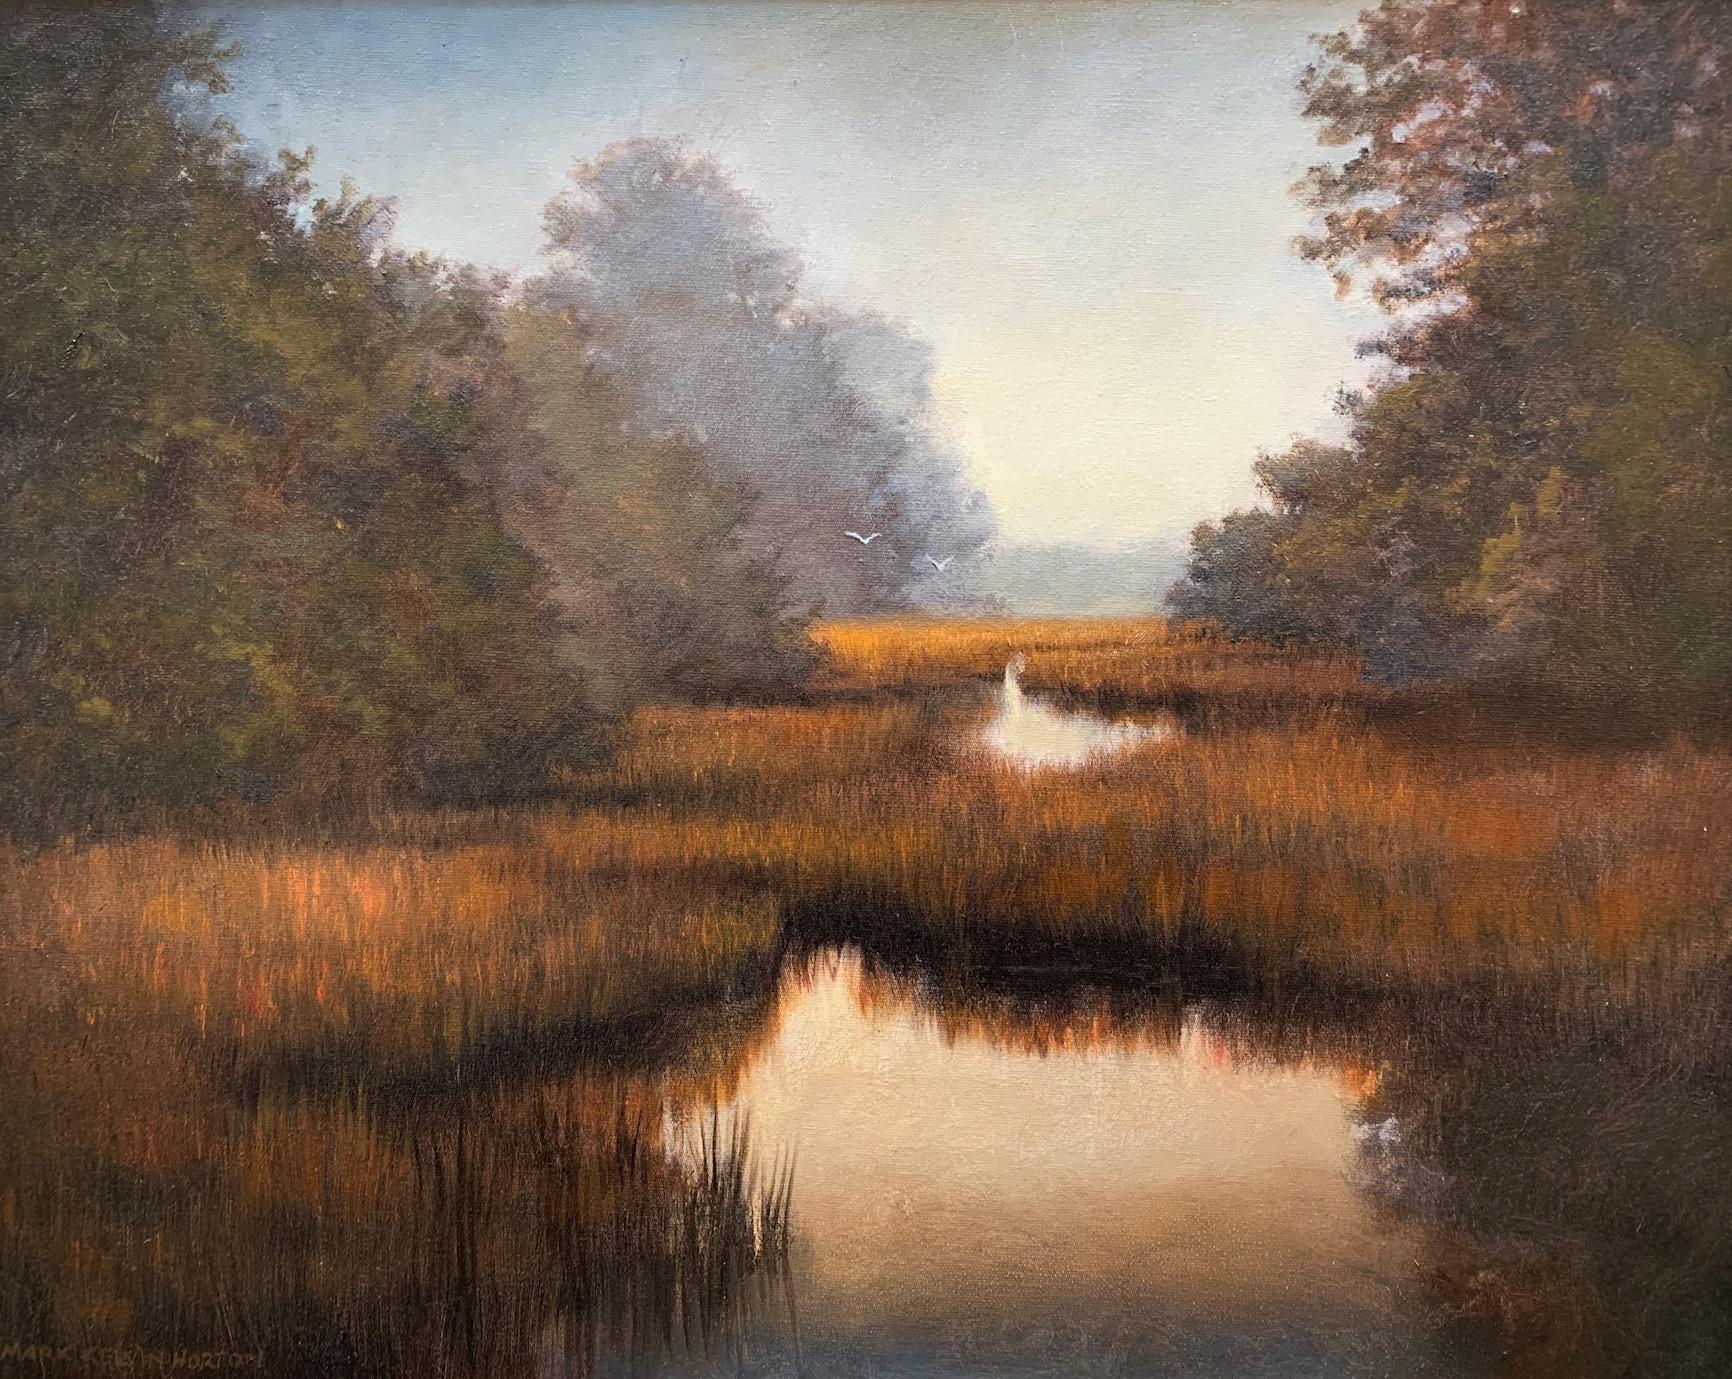 Mark K. Horton